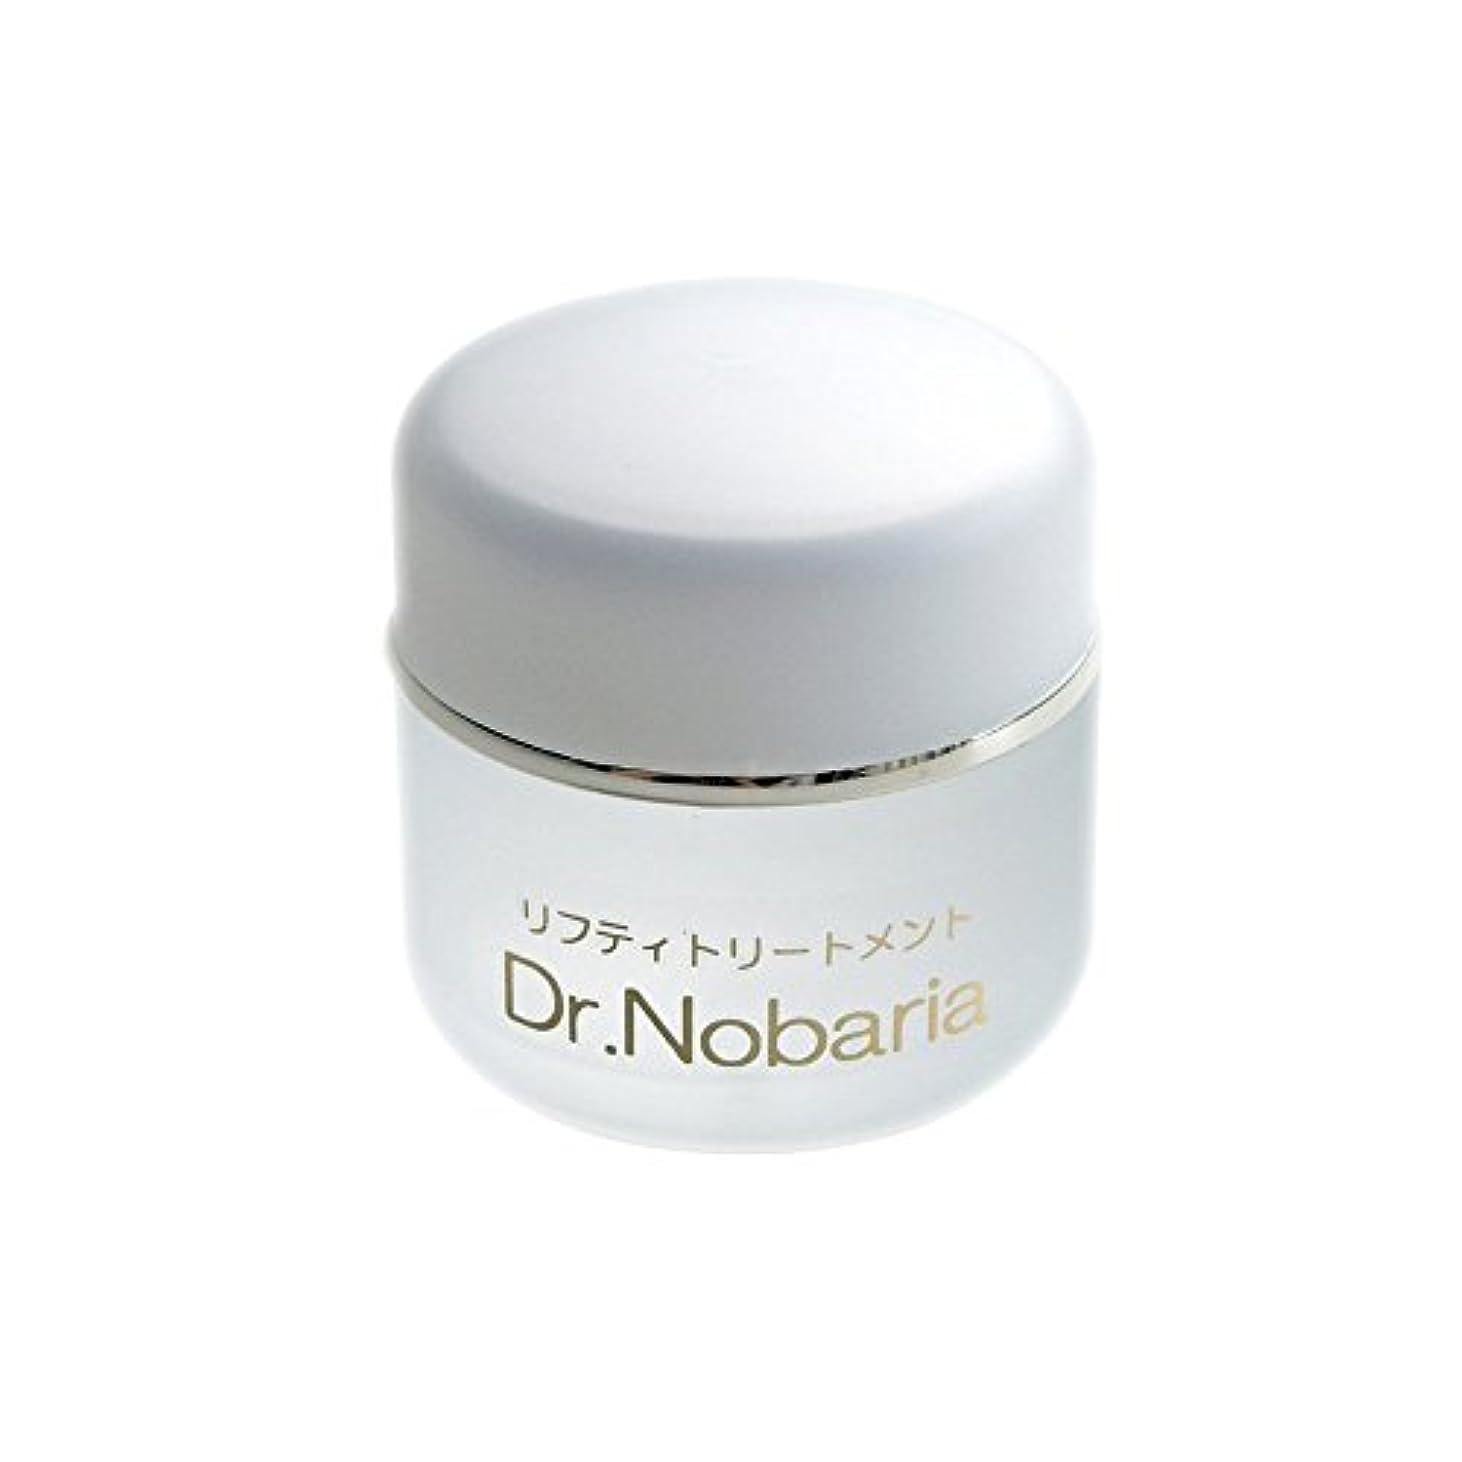 規定裂け目ゴネリルNatural Pure ノバリアスキンケア ノバリアジェルクリーム 保湿 無香料 無着色 30g×1個